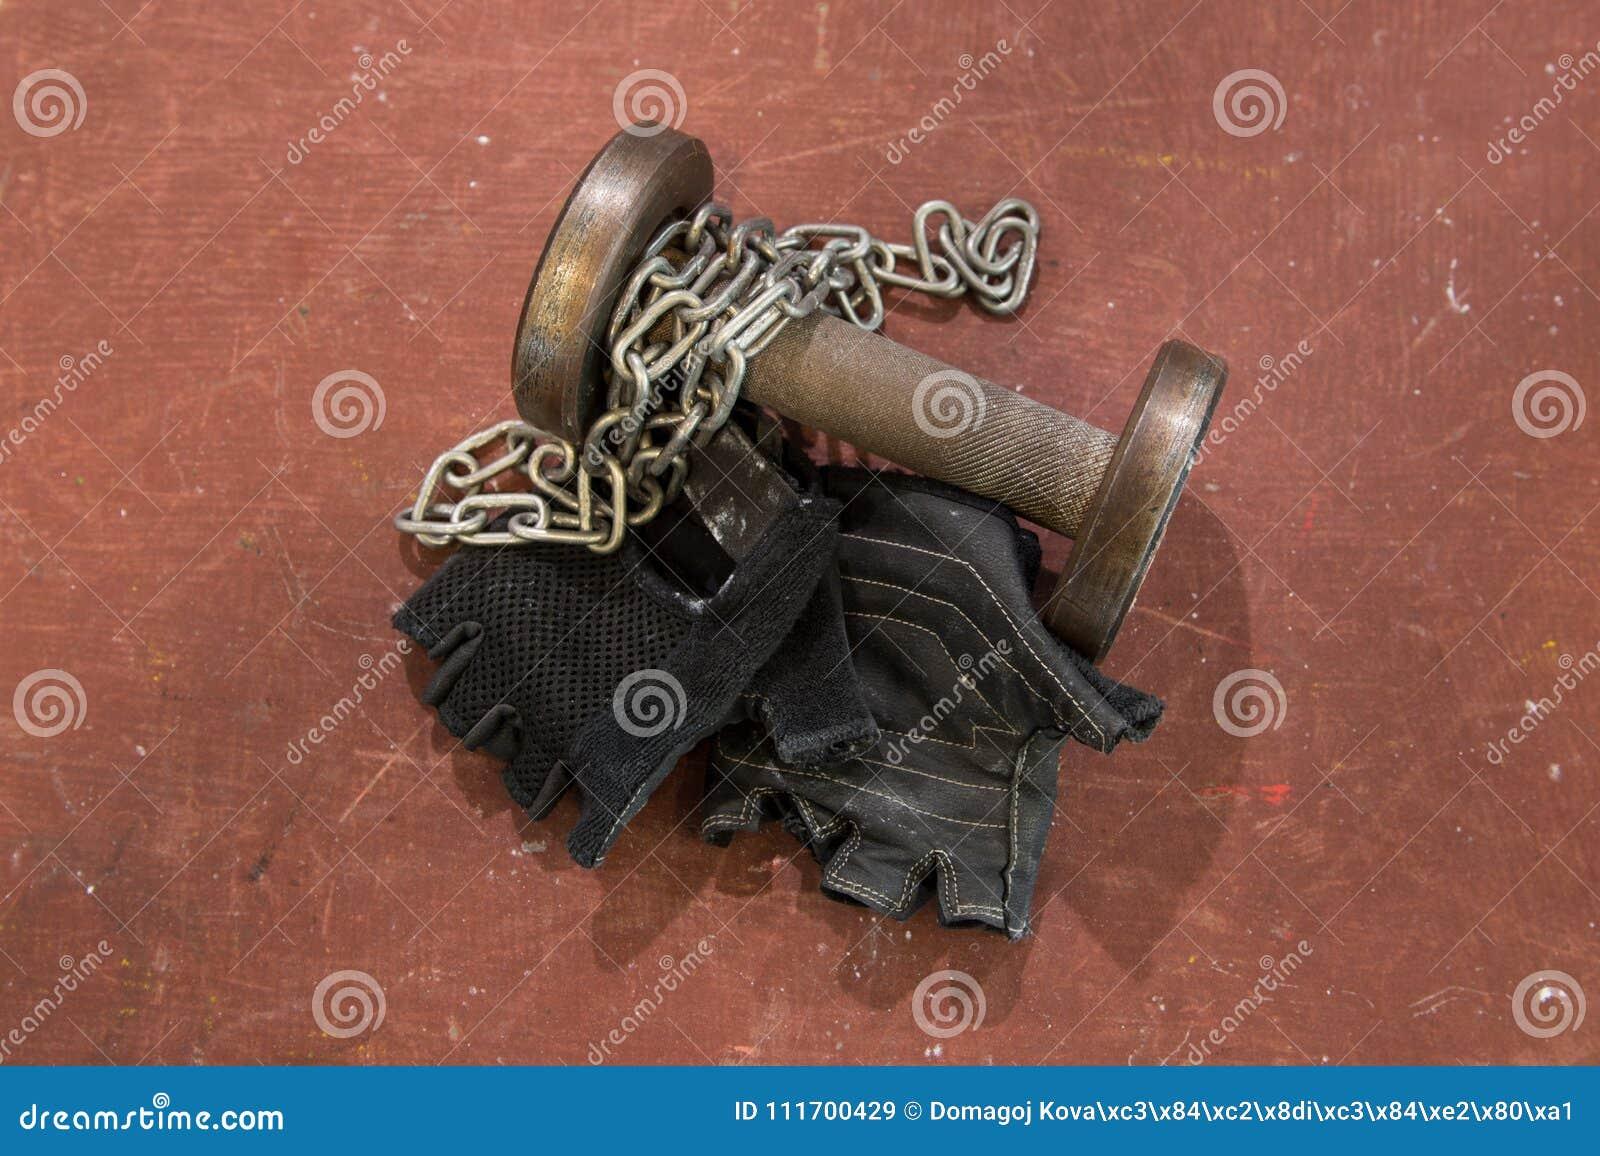 Los pares de aptitud ennegrecen guantes con la cadena de plata y pequeña pesa de gimnasia usada contra el fondo rojo, anaranjado,